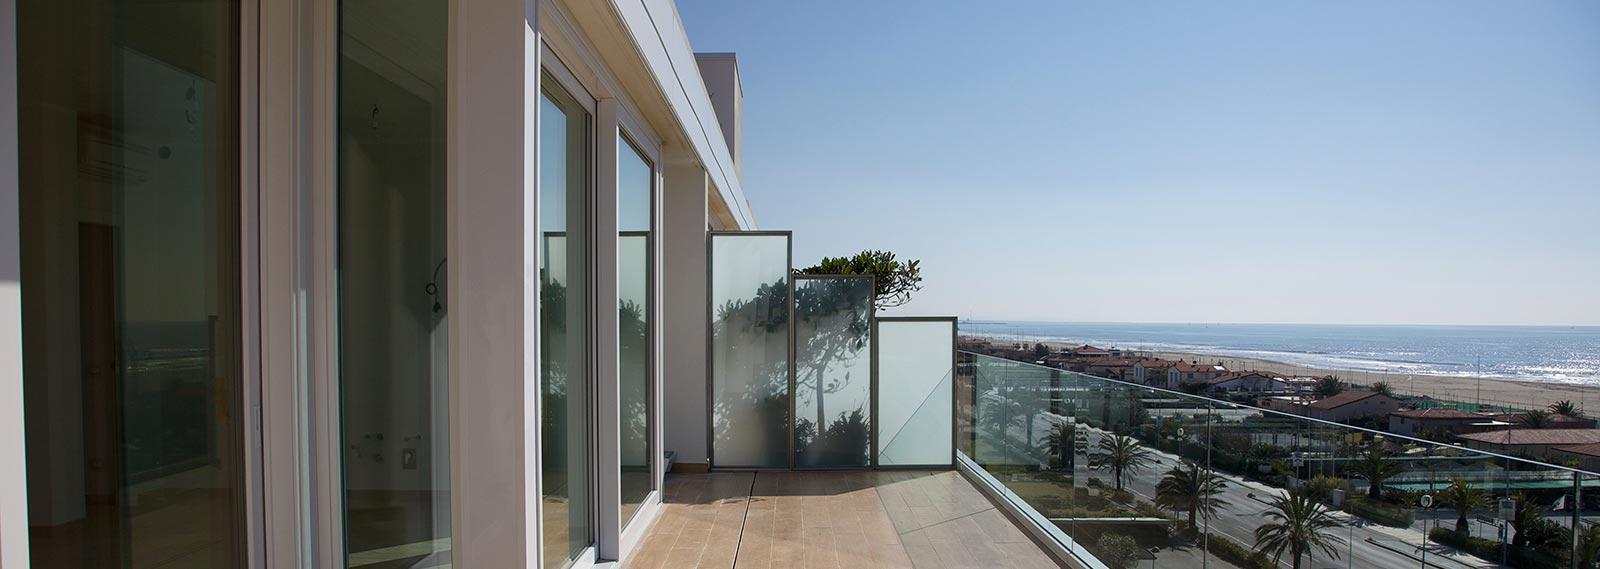 Panoramic appartamenti lusso Lido di camaiore